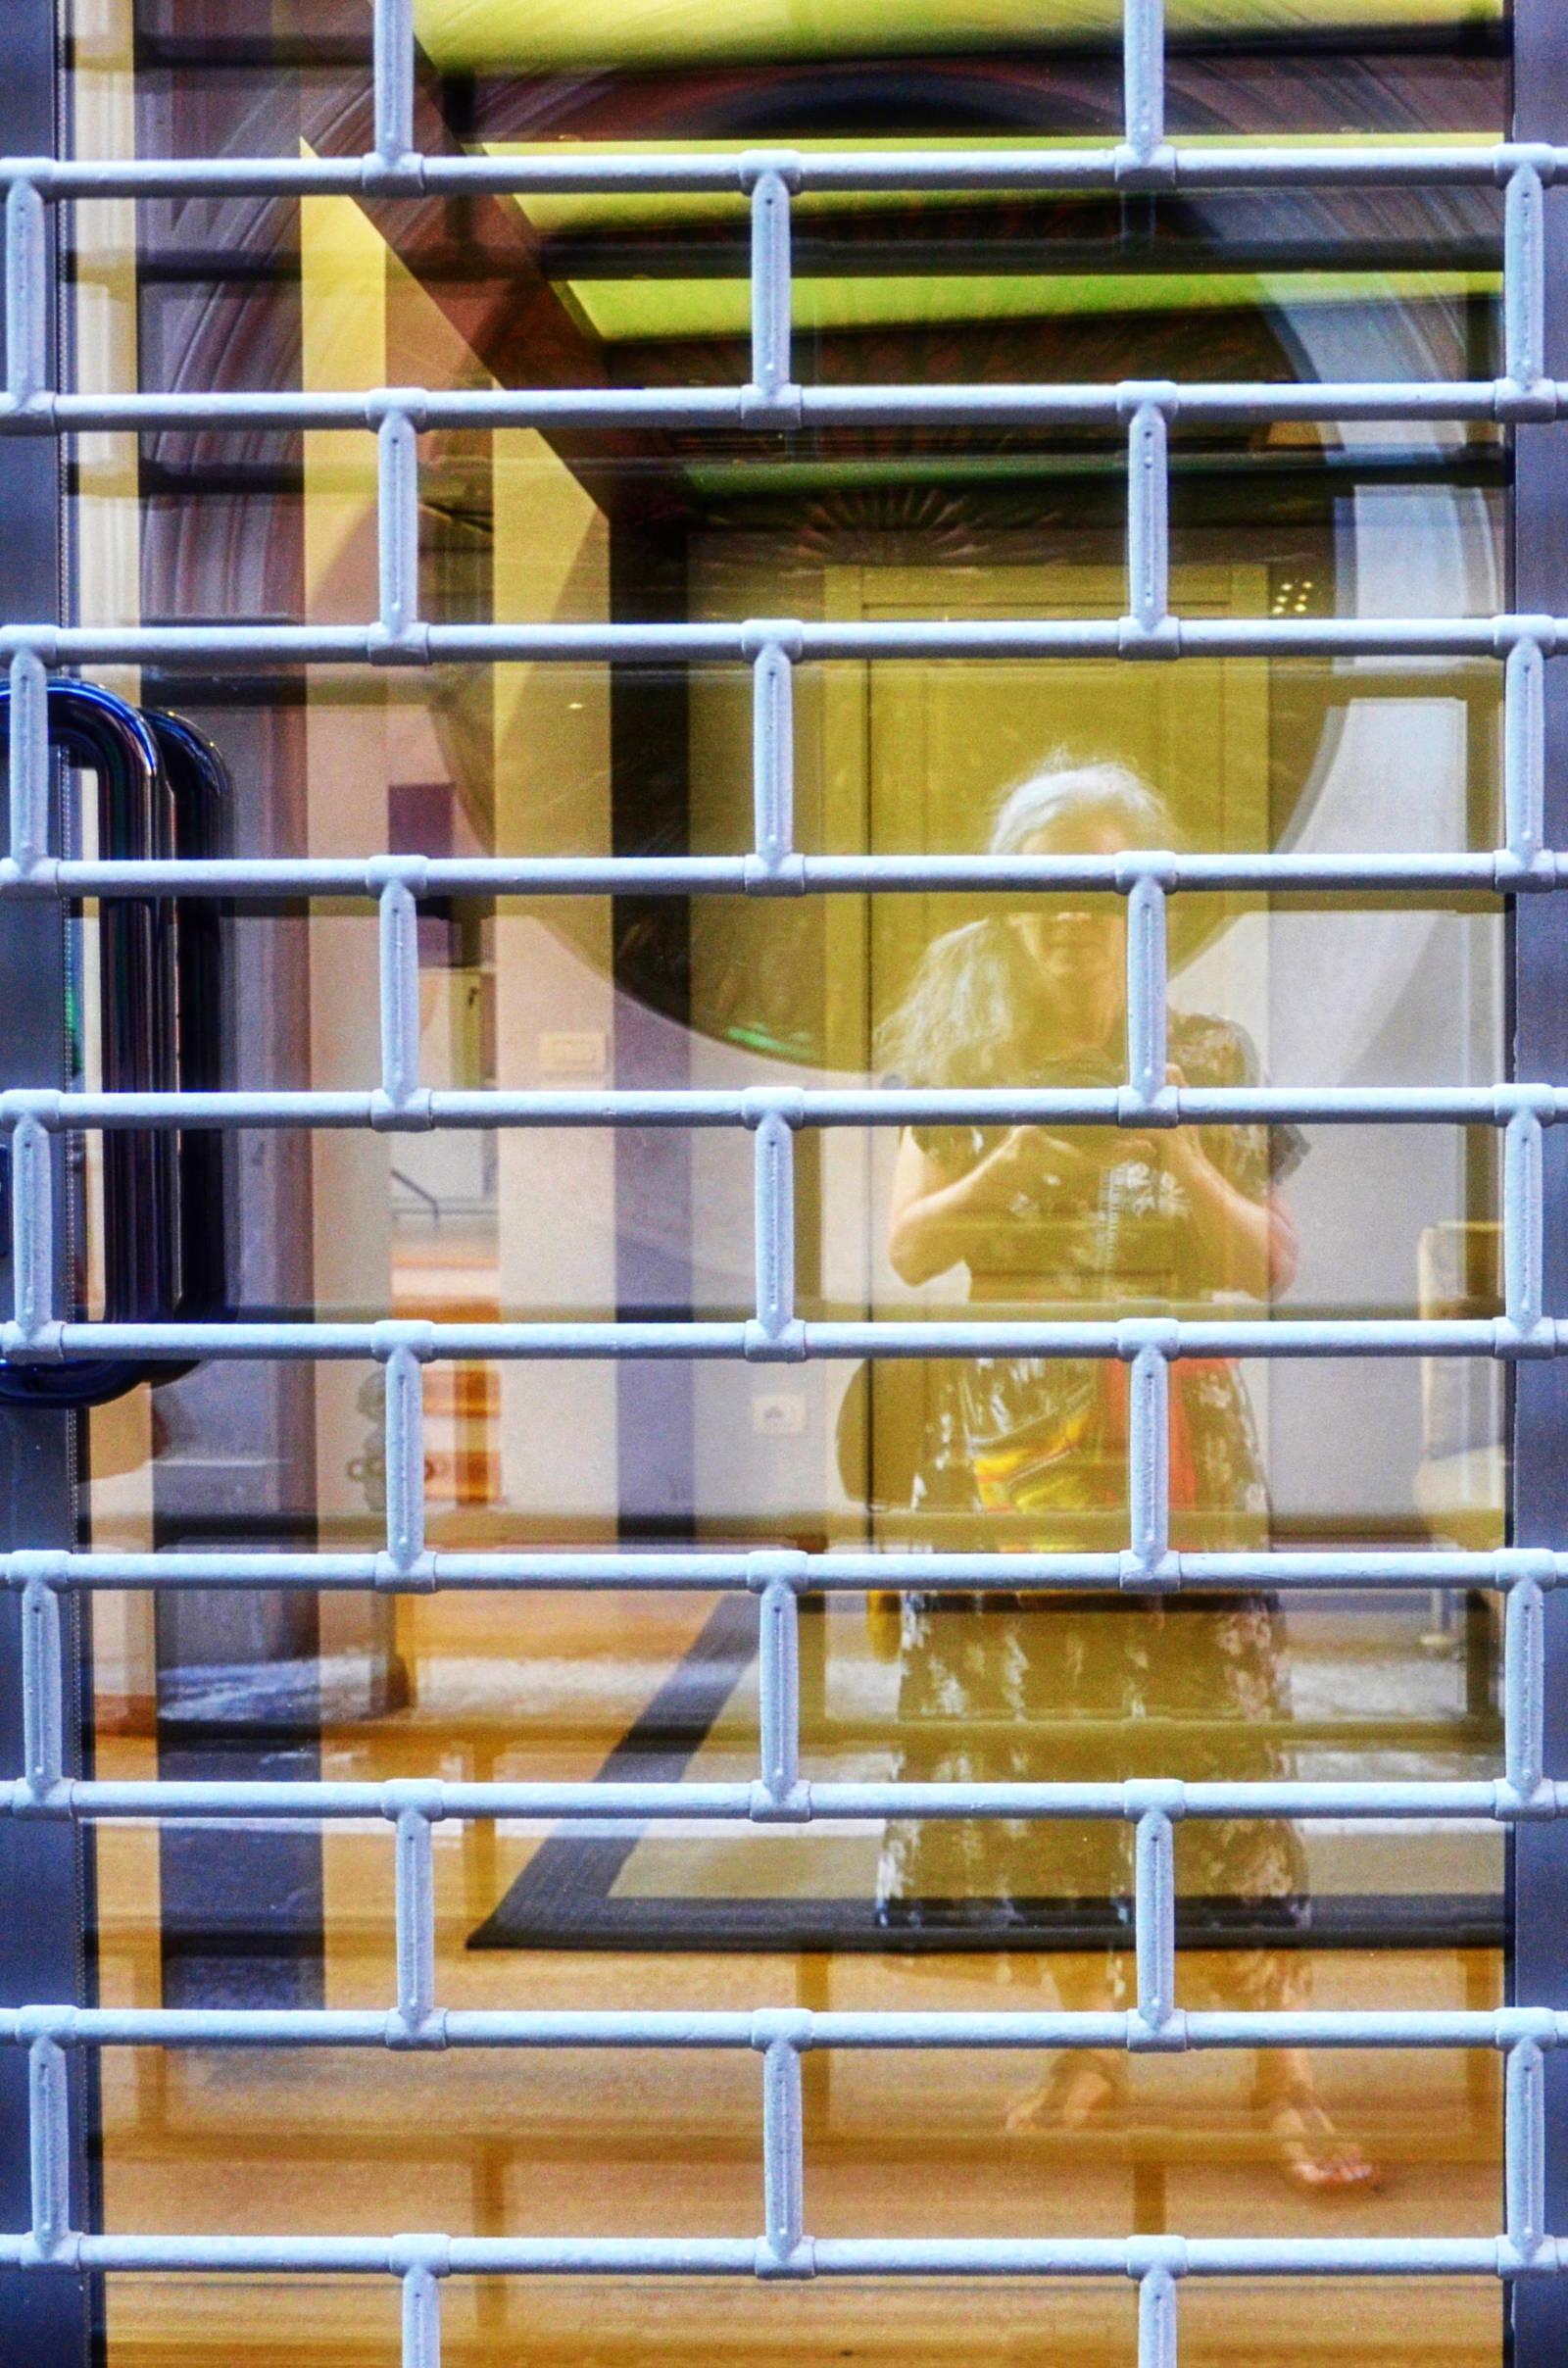 the_cage_by_batsceba_dckhoxo-fullview.jpg